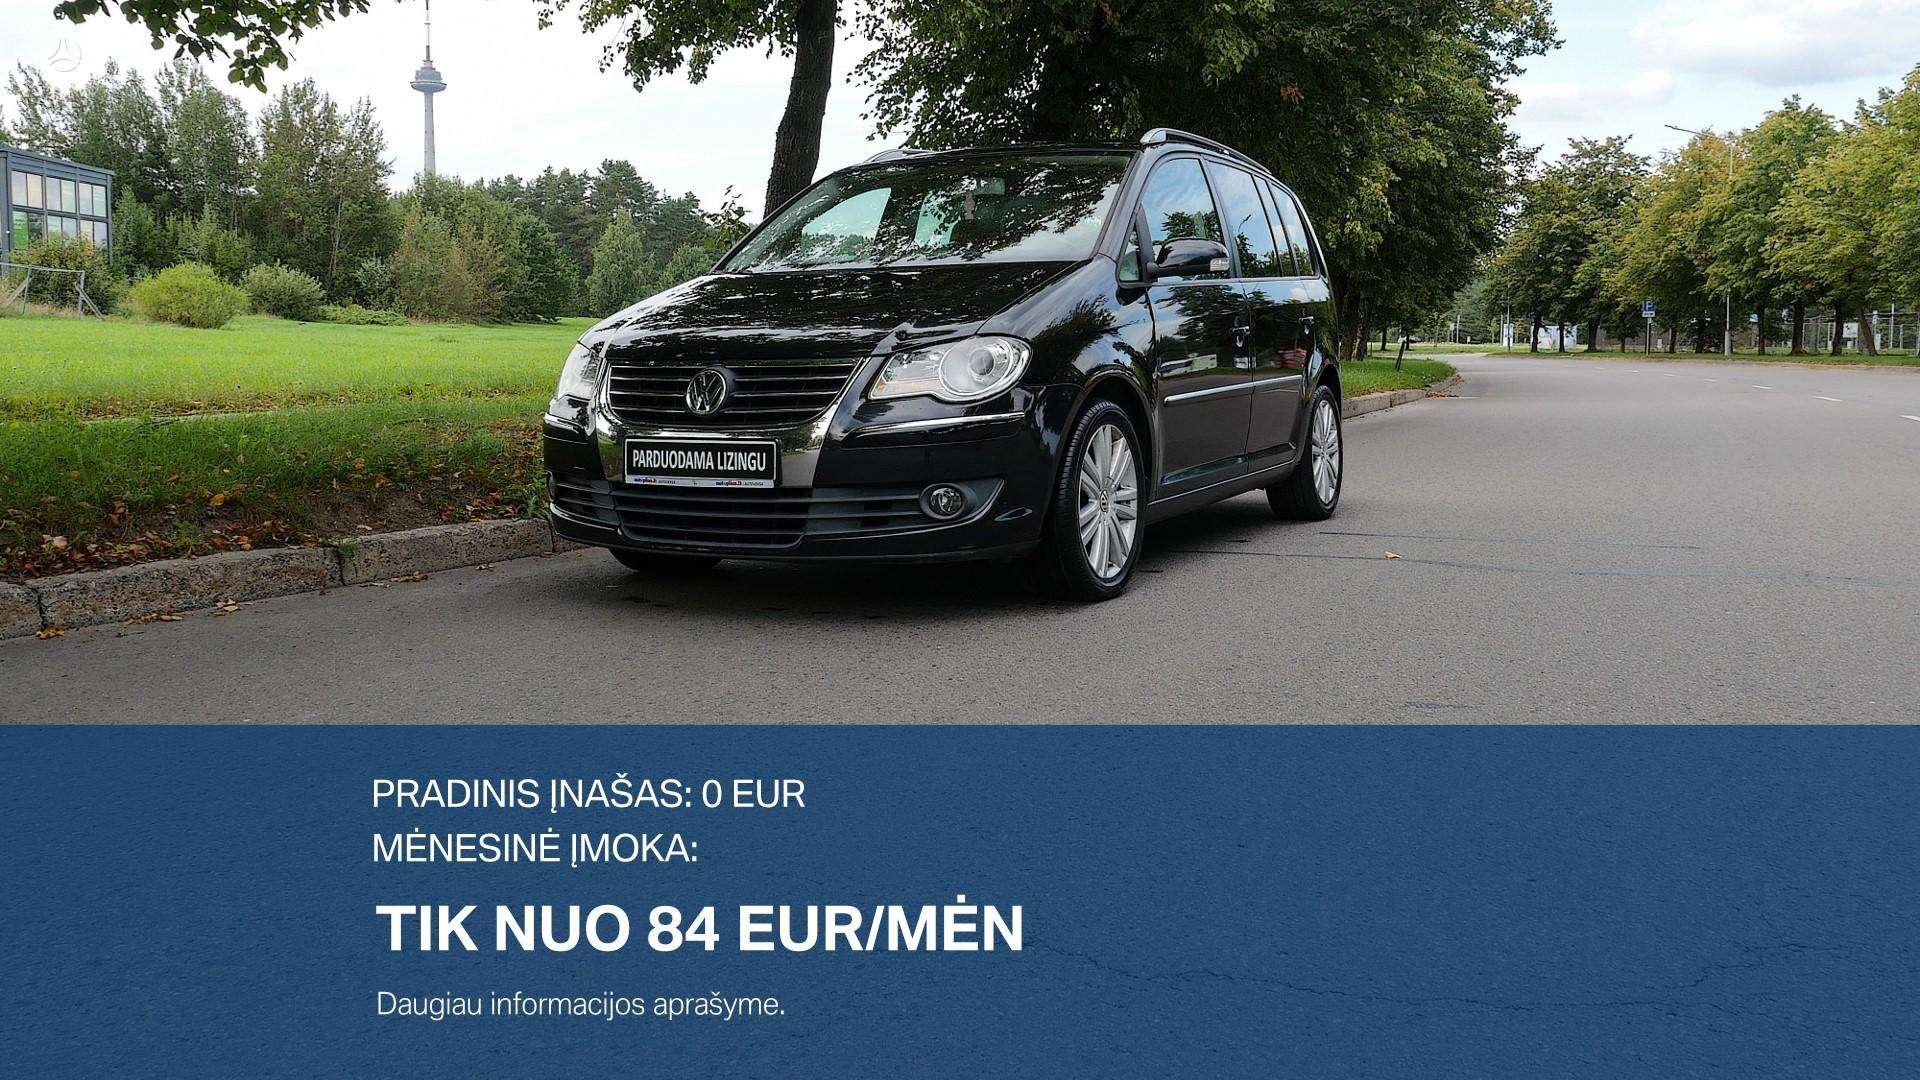 Volkswagen Touran Išsimokėtinai nuo 84Eur/Mėn su 3 mėnesių garantija